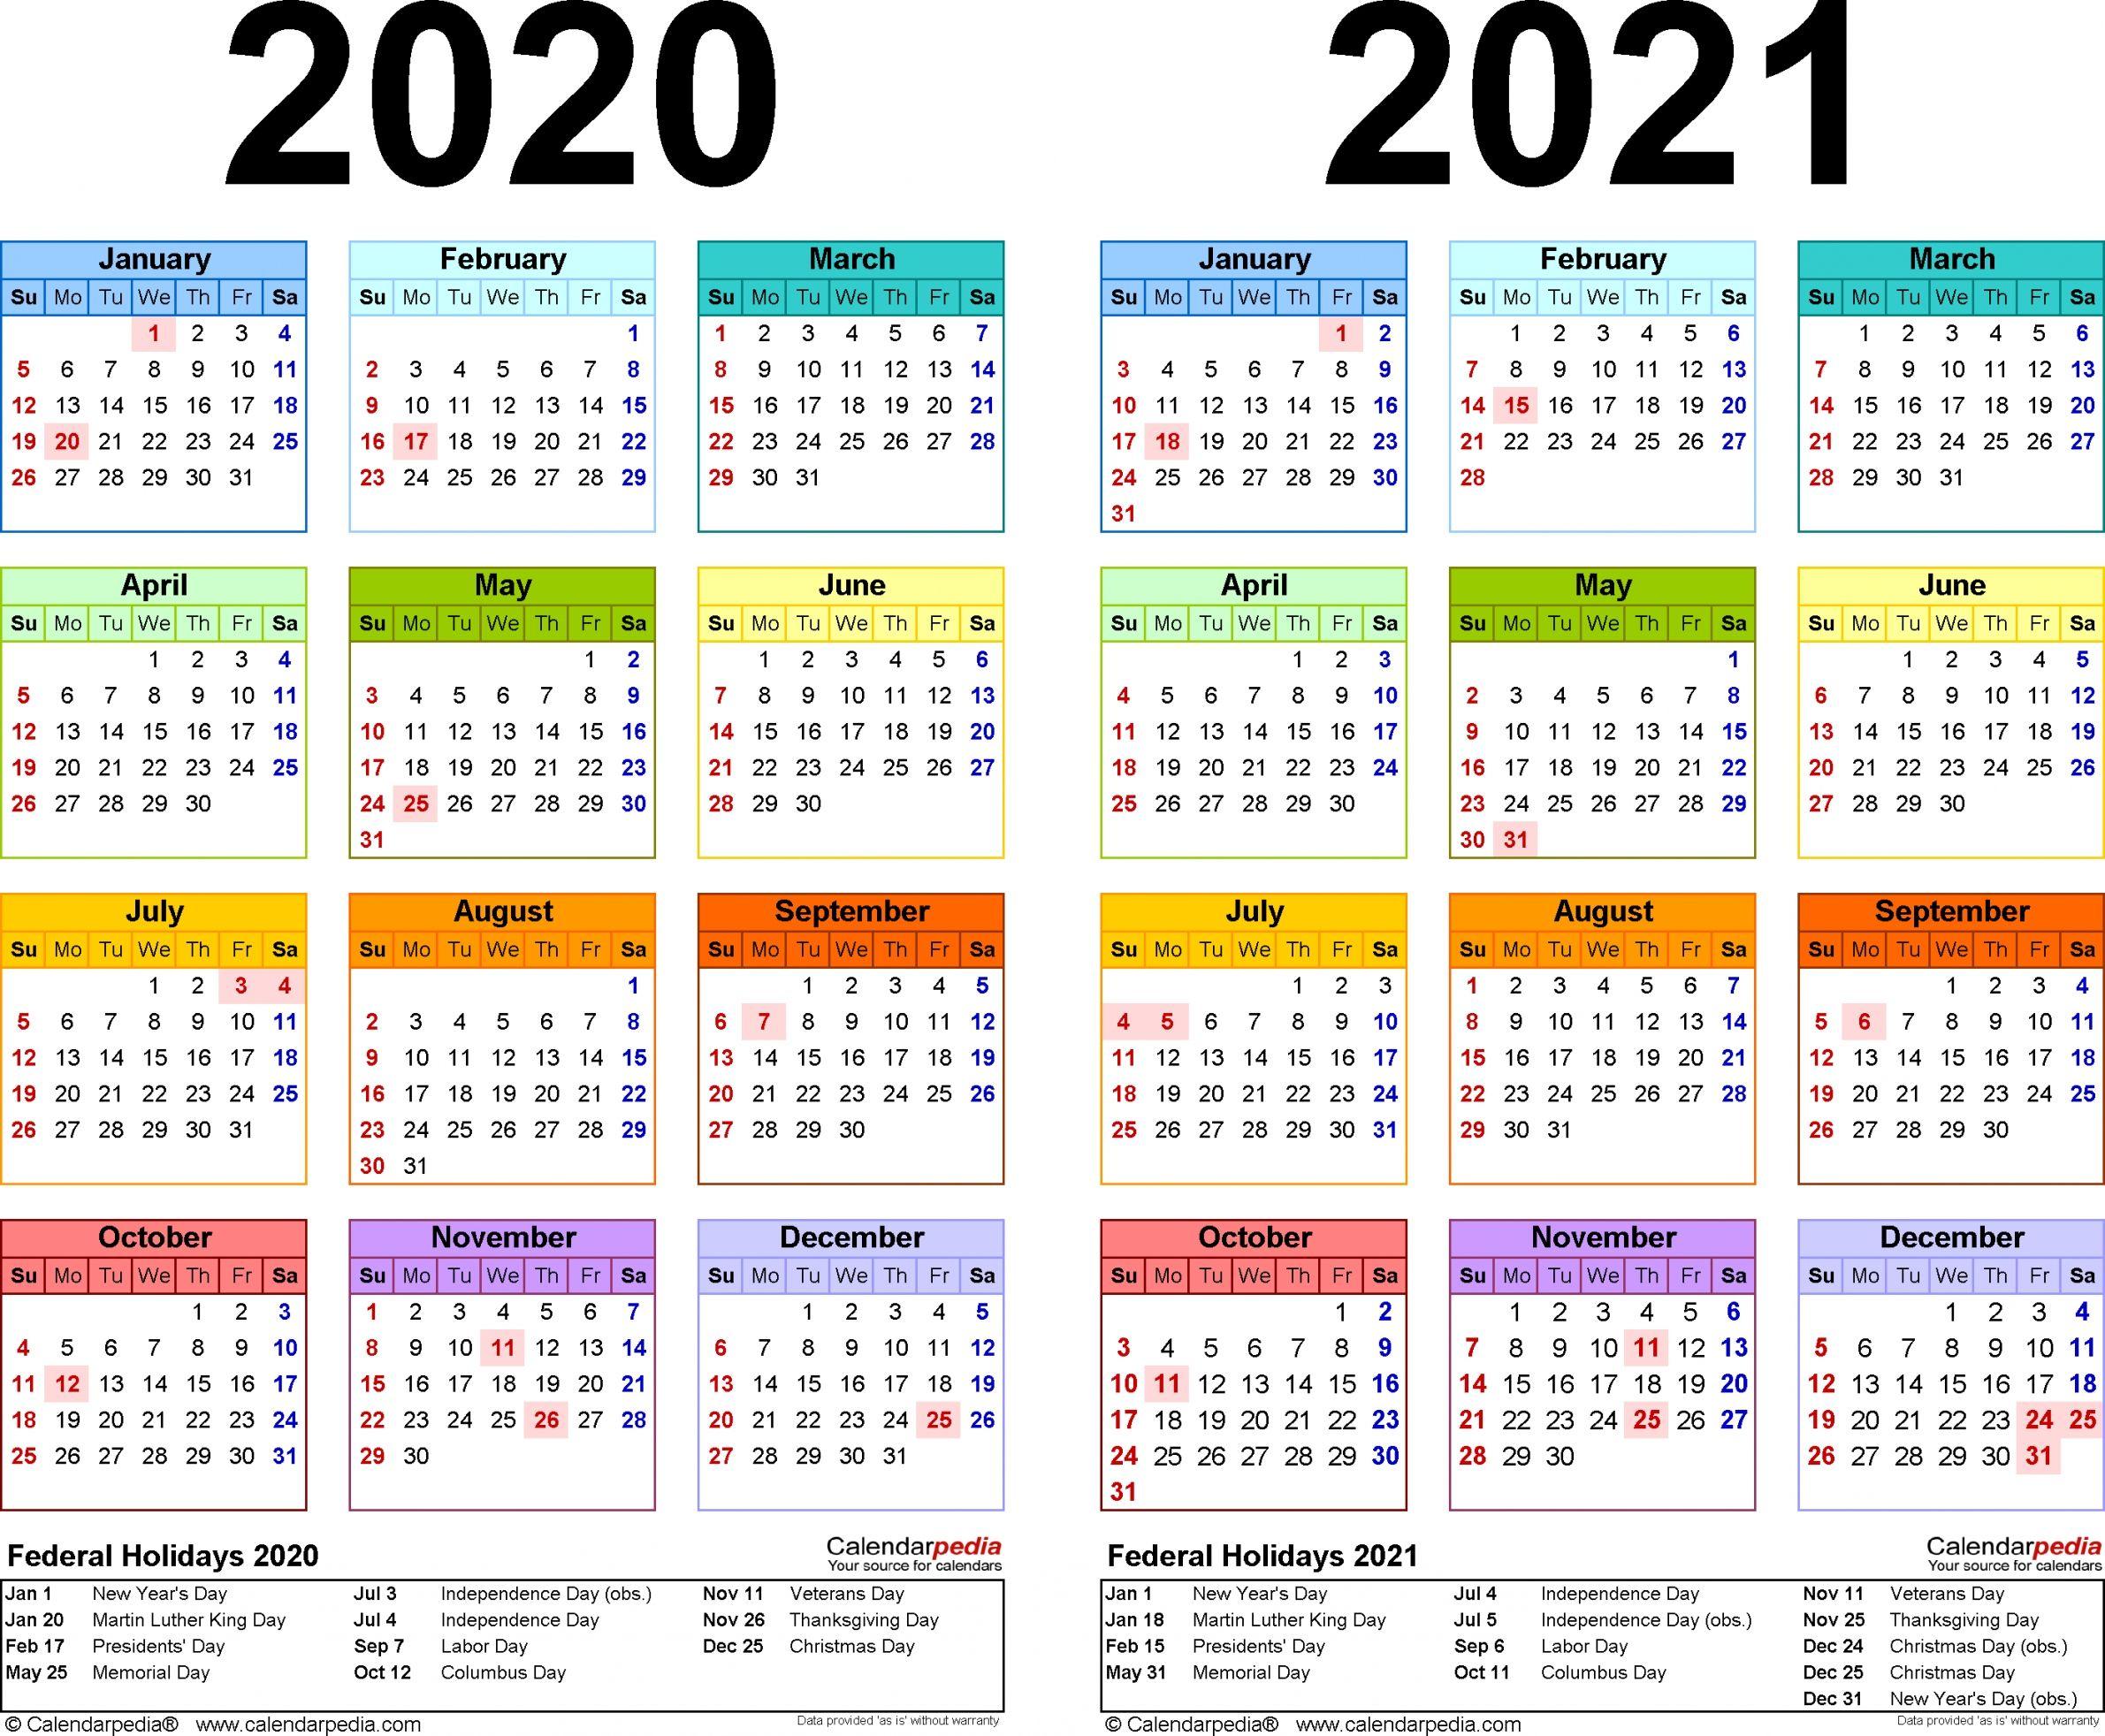 Printable School Year Calendar 2020 2021 Di 2020 | Kalender With Printable 2020 2021 School Calendar